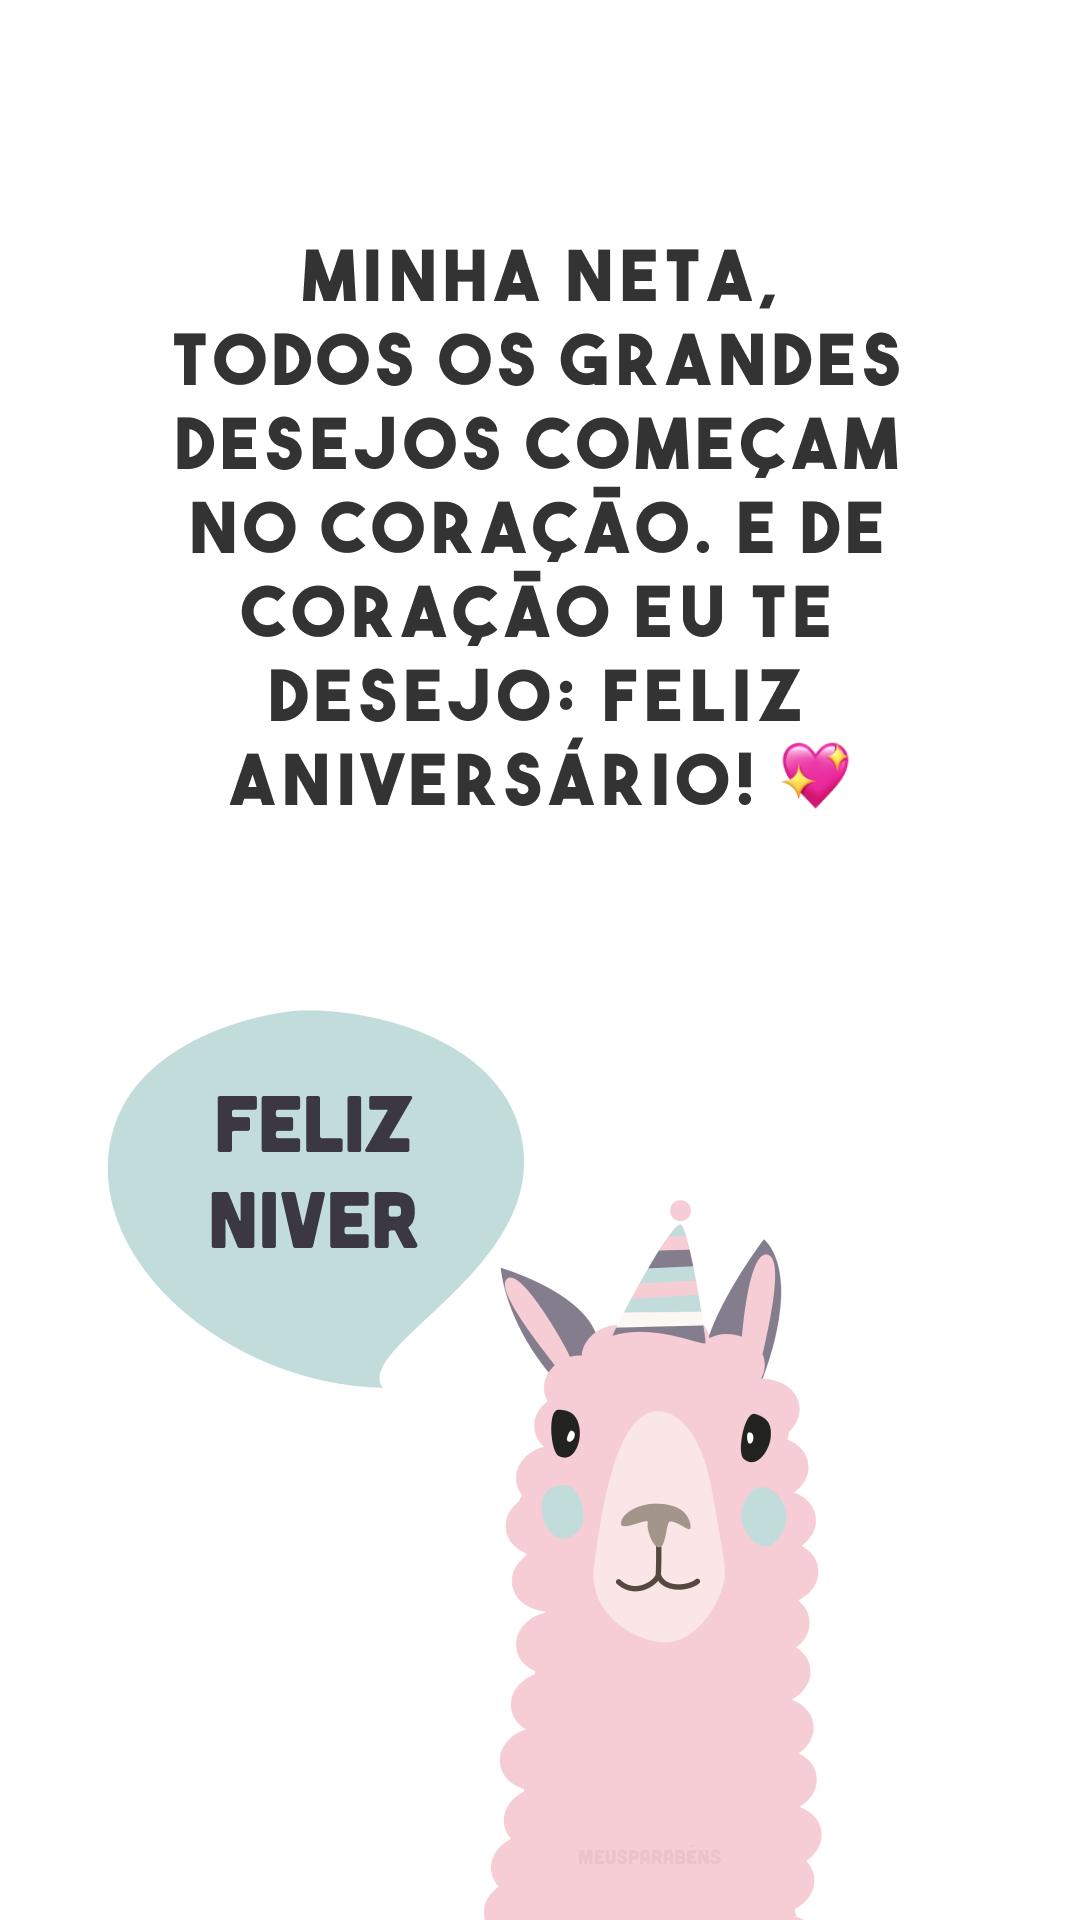 Minha neta, todos os grandes desejos começam no coração. E de coração eu te desejo: feliz aniversário! 💖